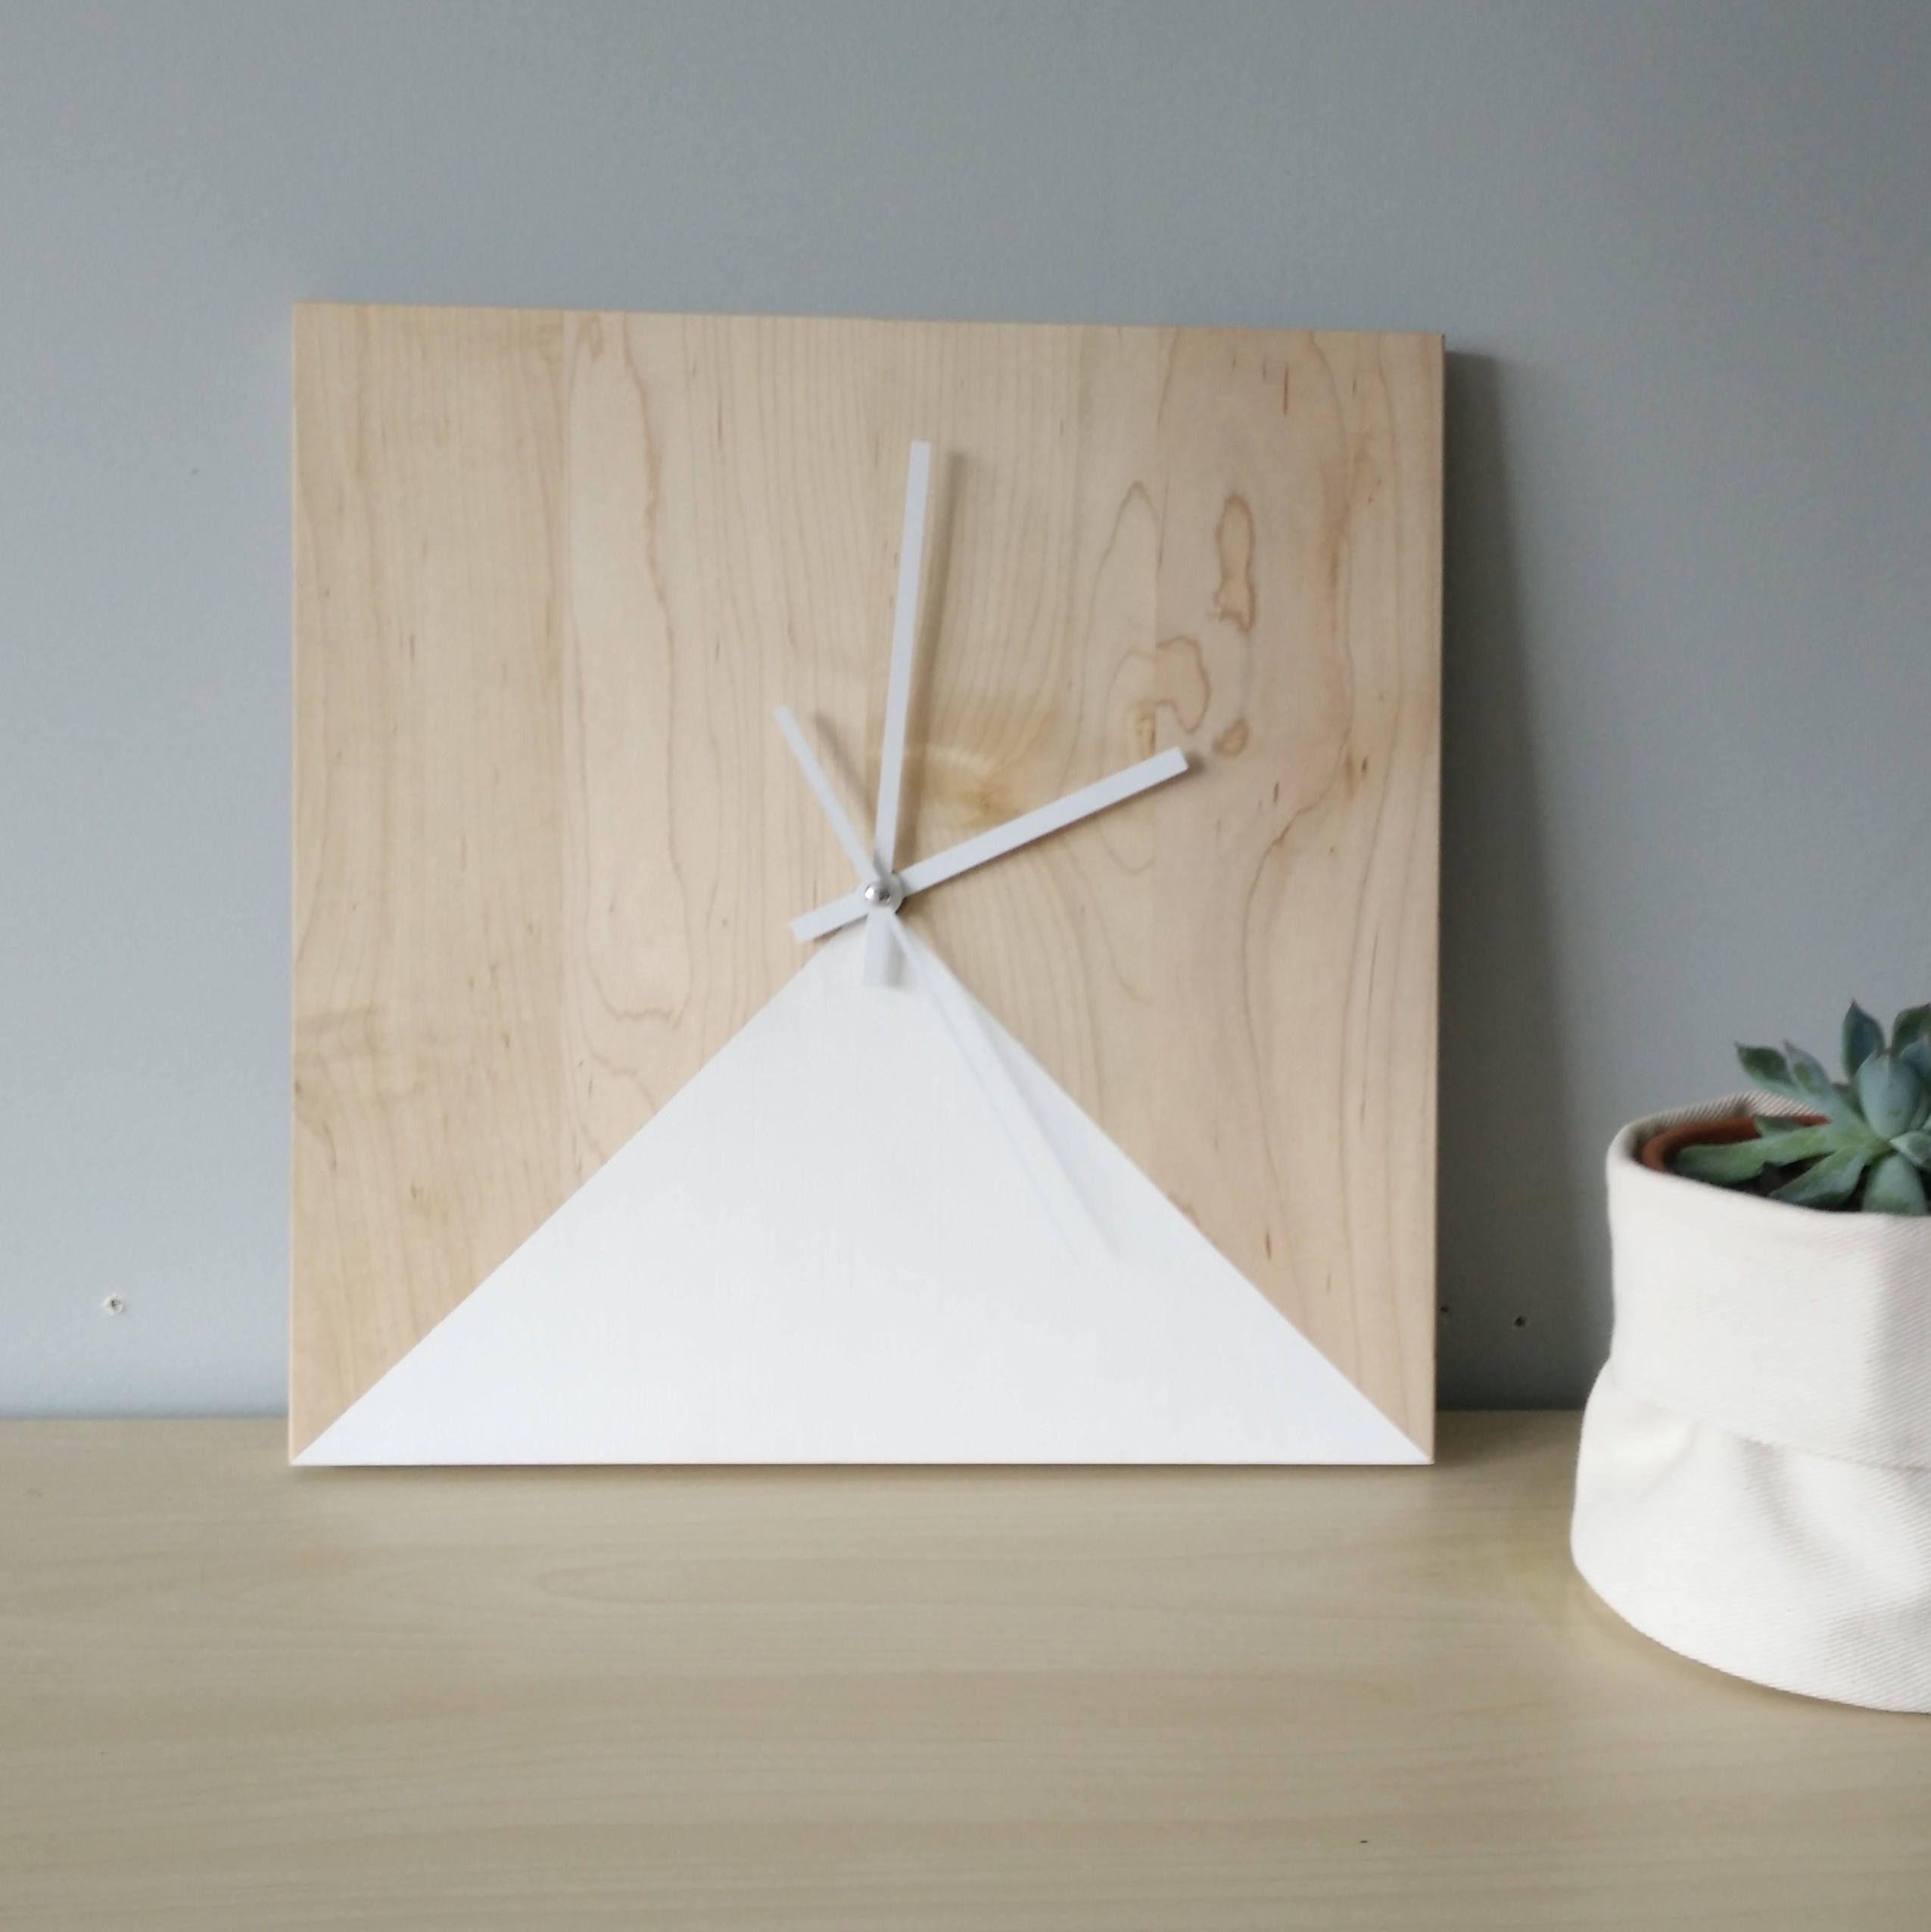 horloge en rable carr e 12 12 horloge en bois et blanc. Black Bedroom Furniture Sets. Home Design Ideas